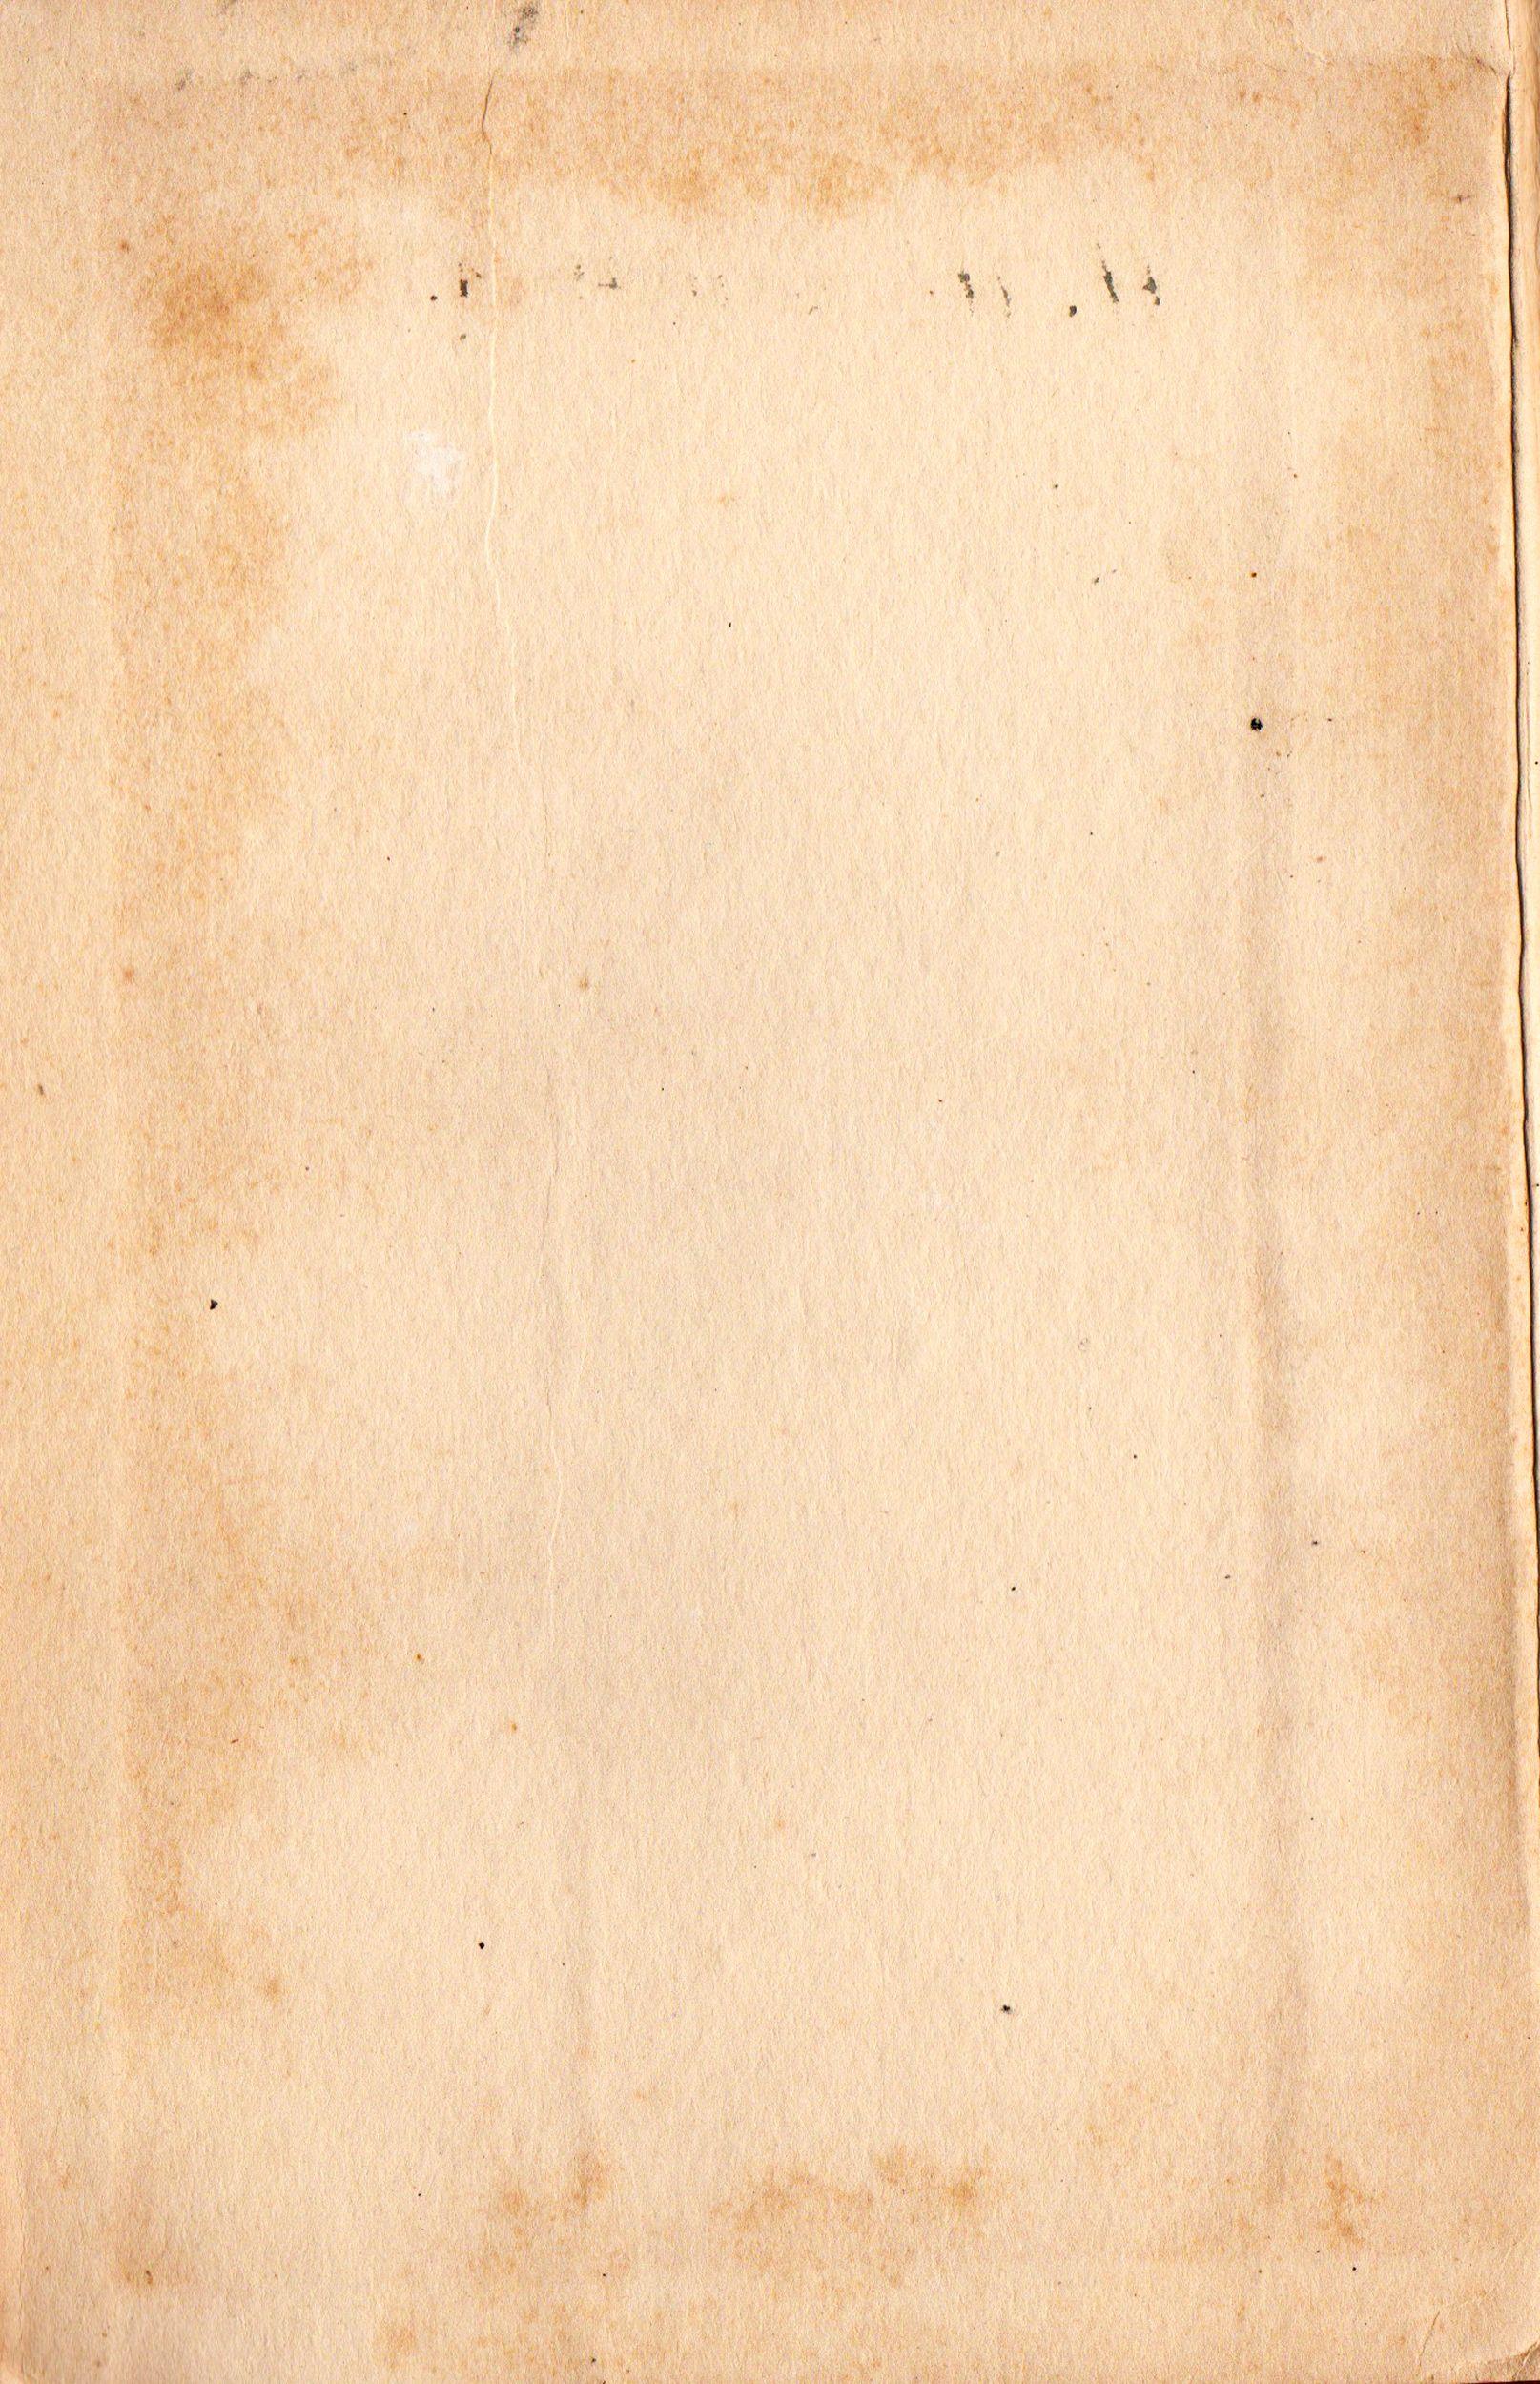 Free Tan Vintage Paper Texture Texture L T Vintage Paper Textures Free Paper Texture Vintage Paper